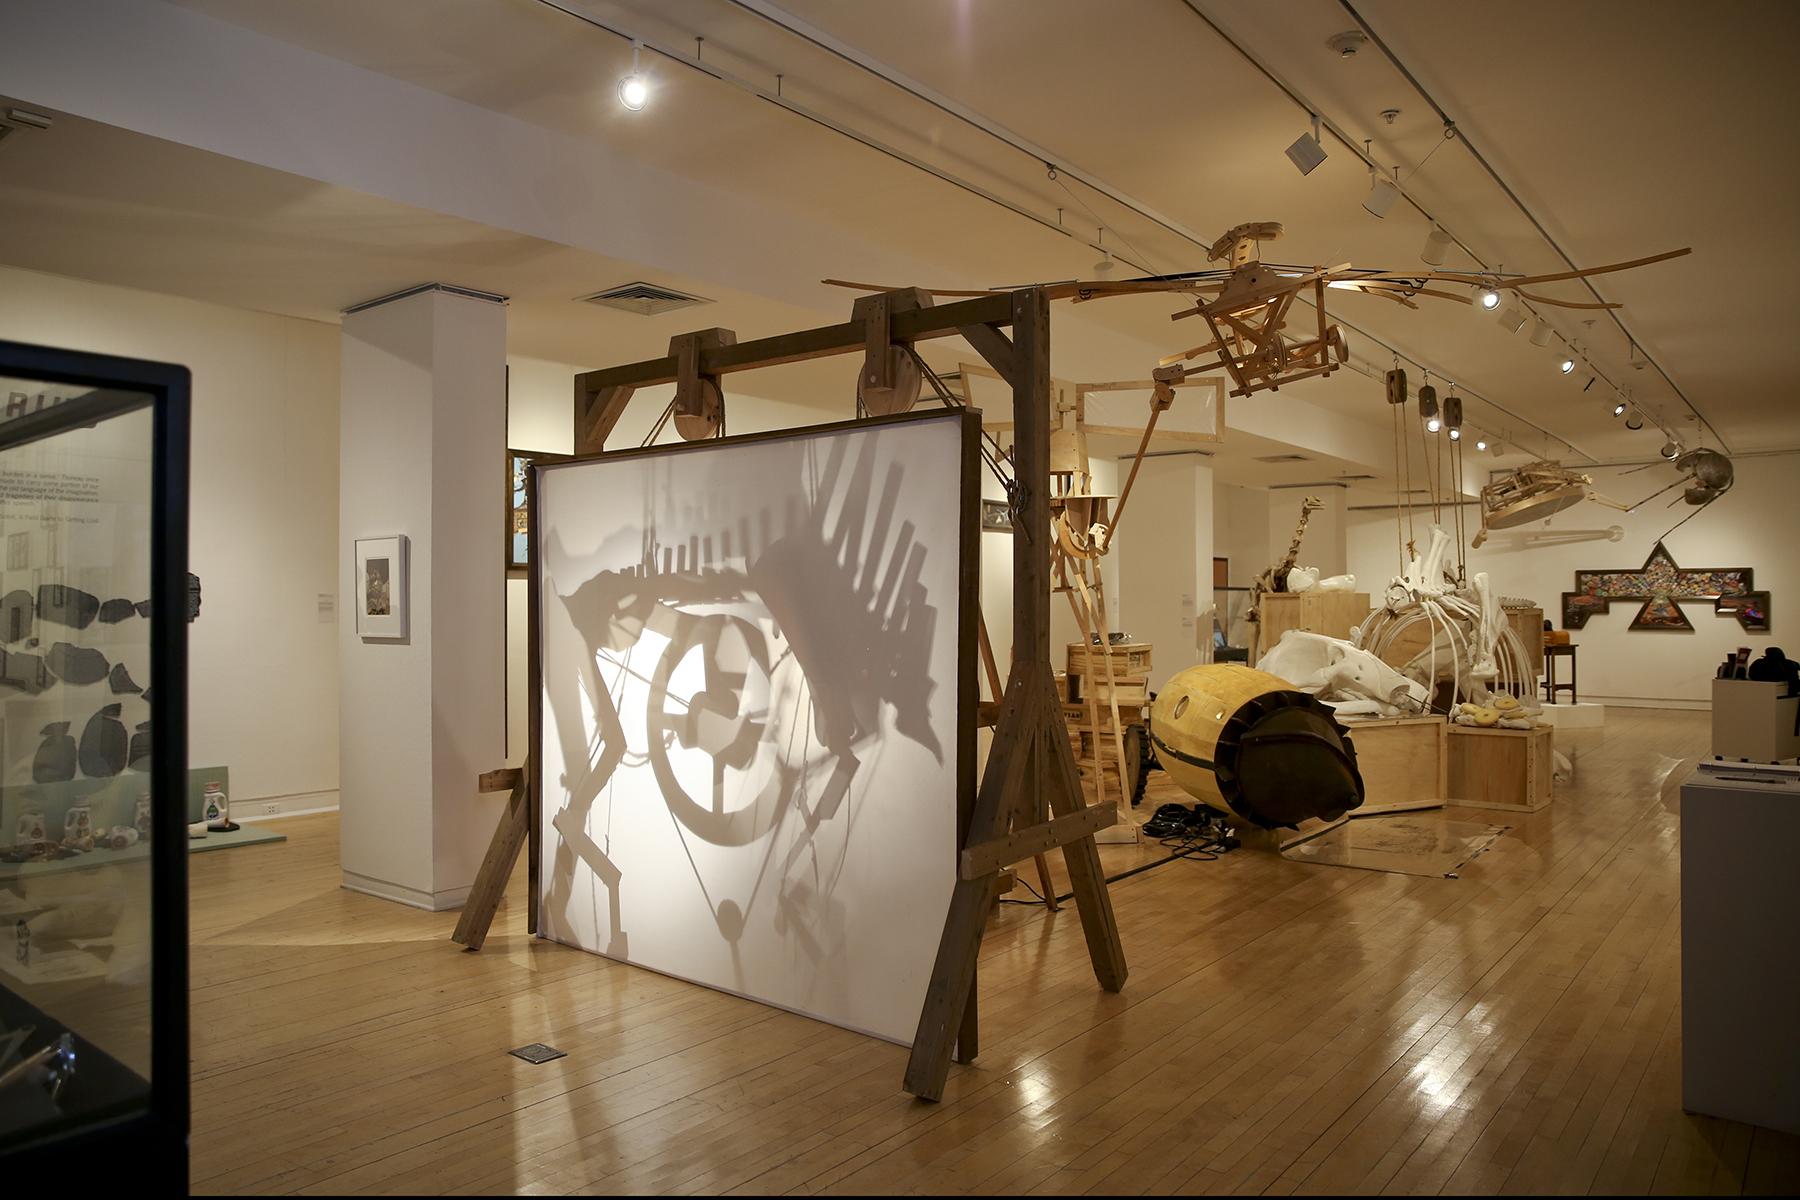 Exhibition: Abecedarius, 2014